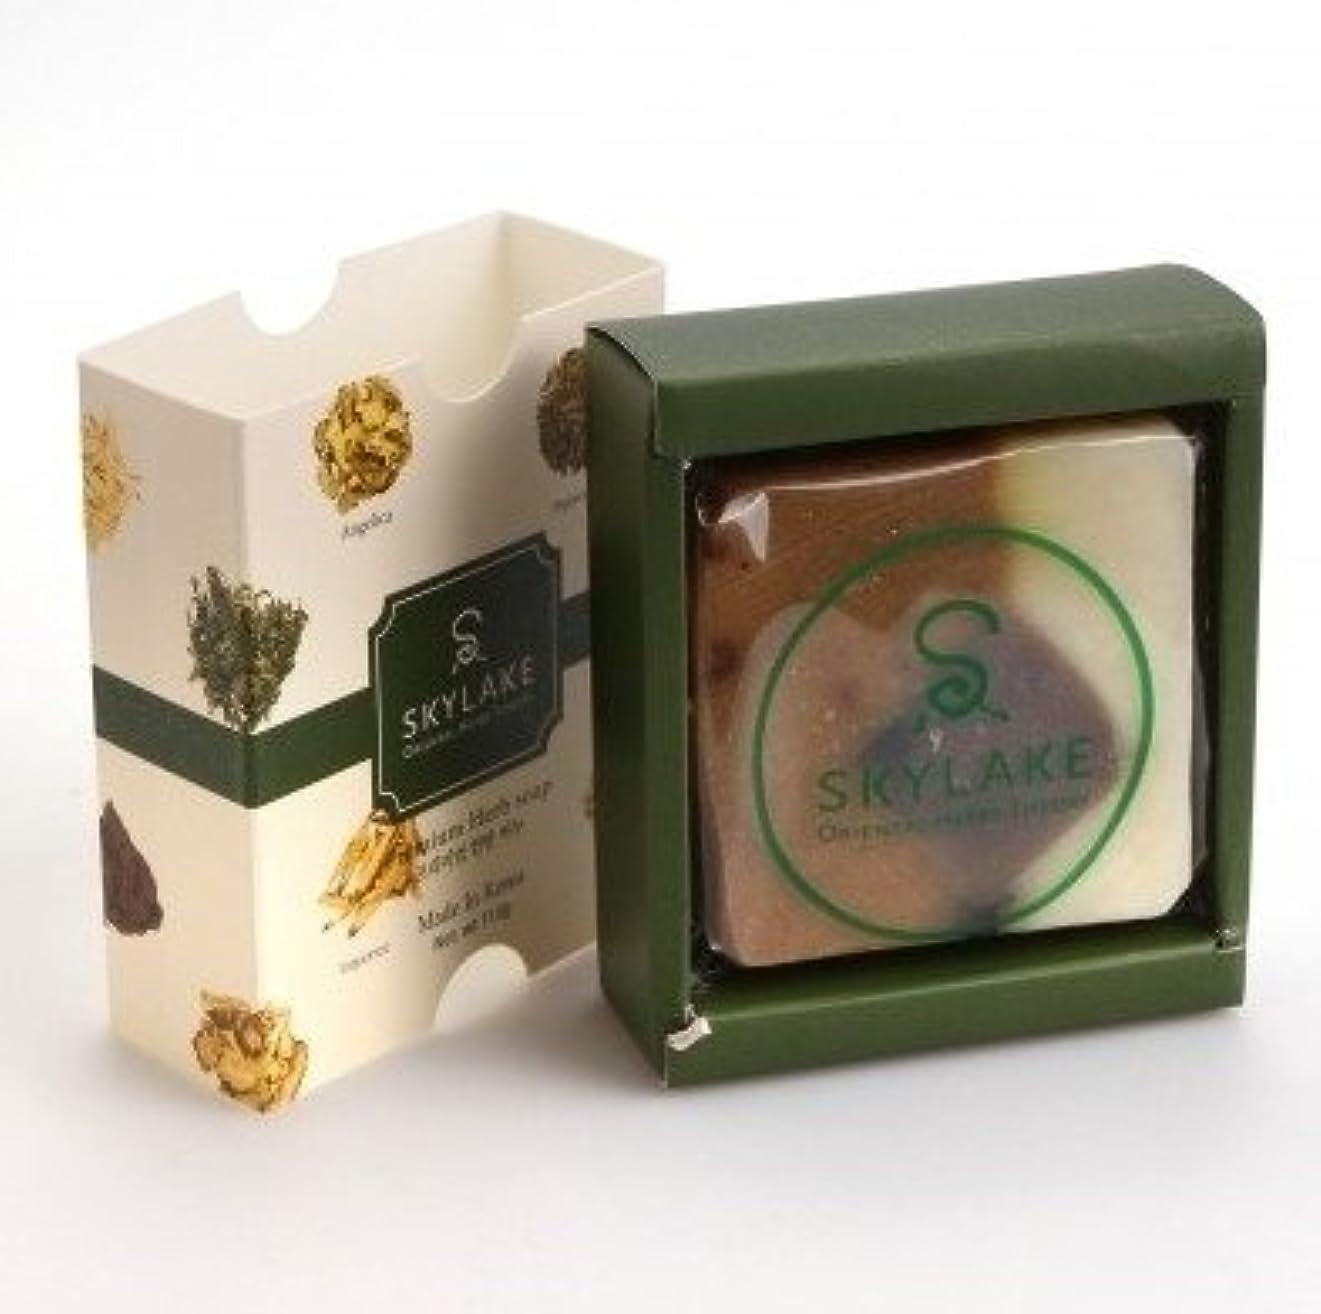 ハヌルホス[Skylake] 漢方アロマ石鹸Oriental Herbs Theory Soap (プレミアム 手作り漢方)